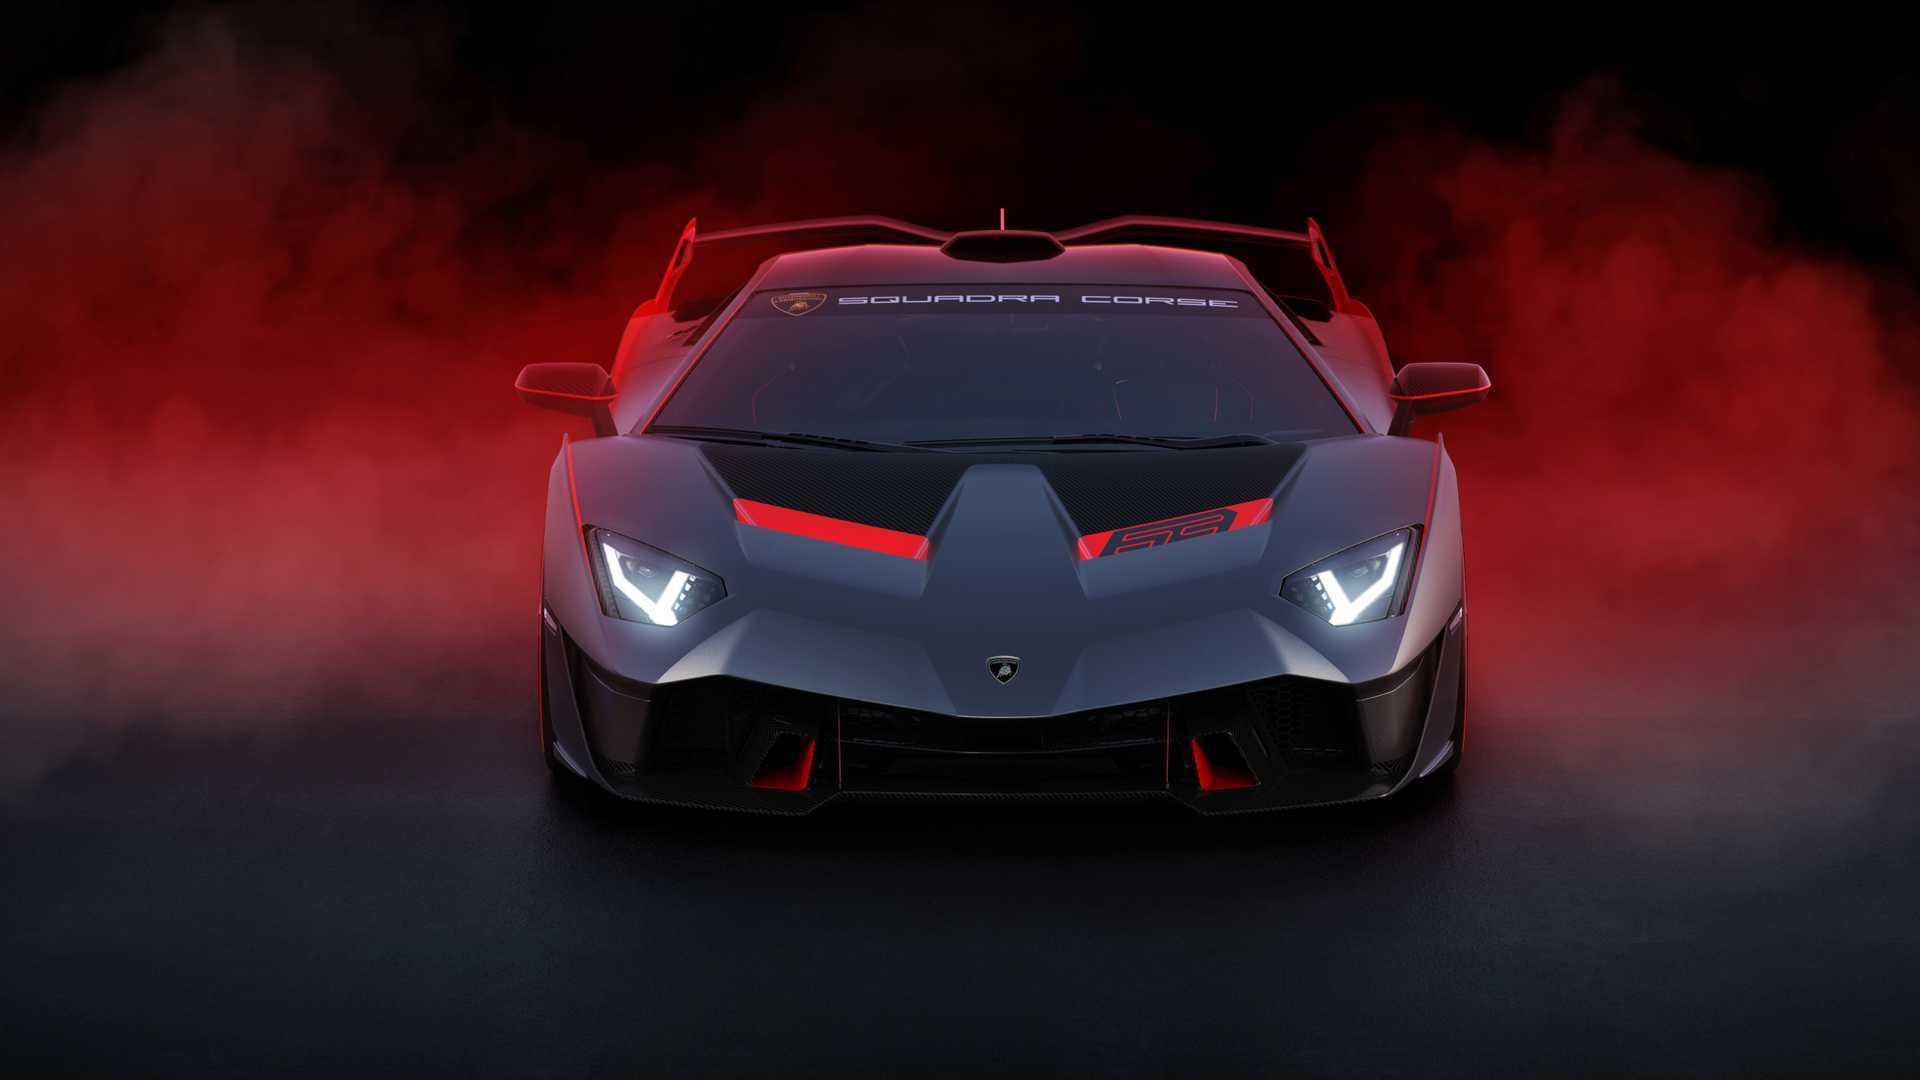 Lamborghini Sc18 Is A One Off Devil Child Of The Aventador